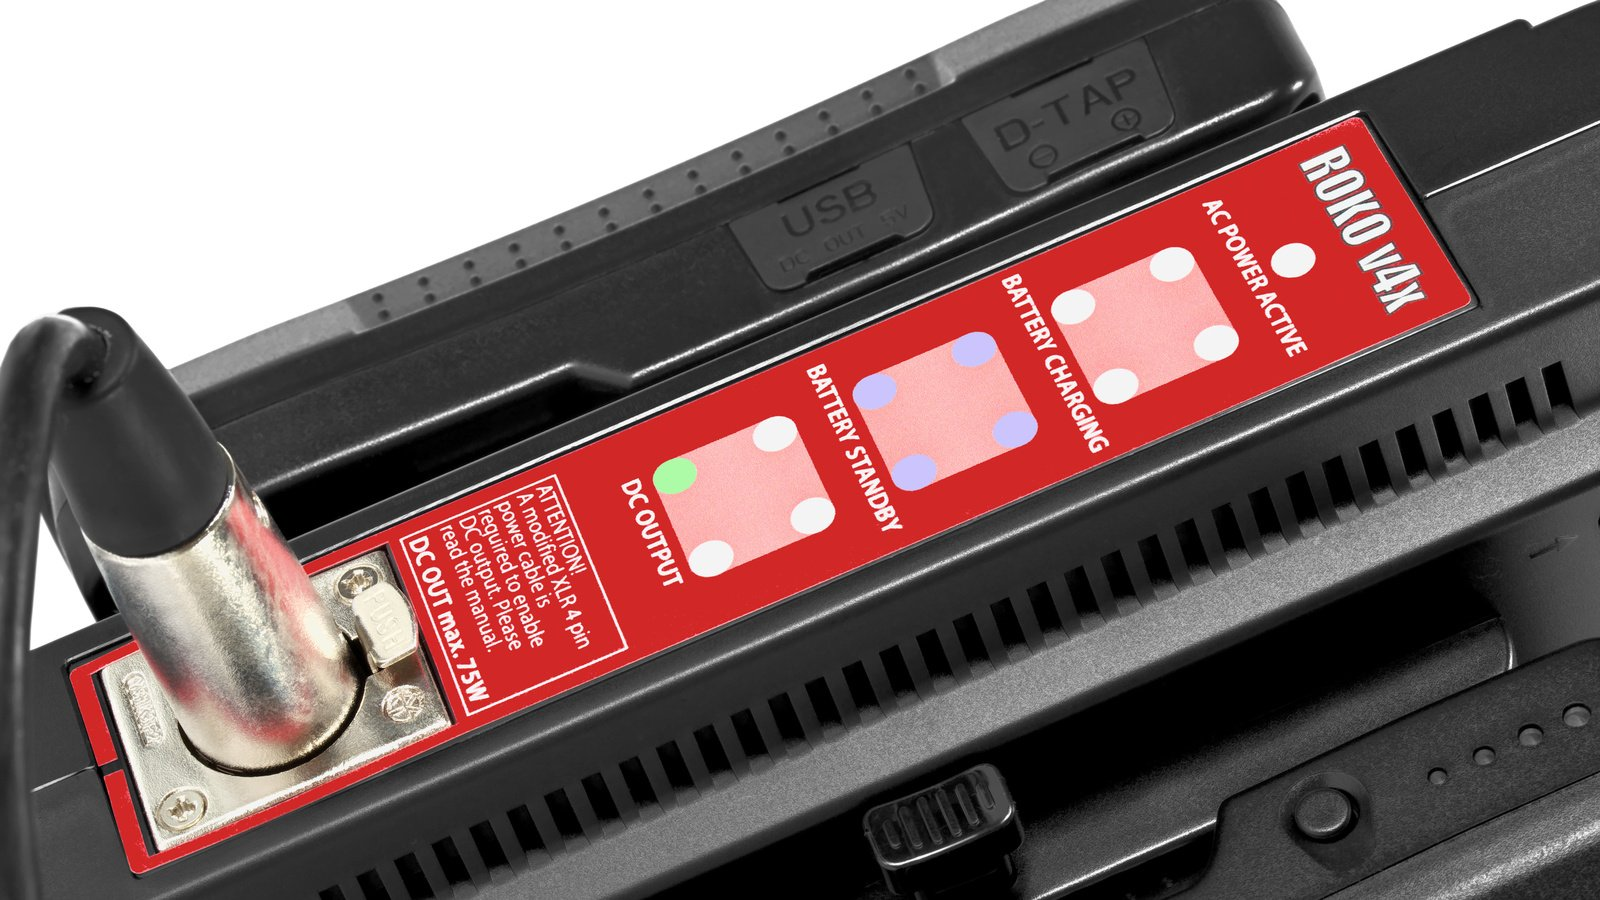 An der Front befinden sich mehrere LEDs die über den aktuellen Betriebszustand informieren.